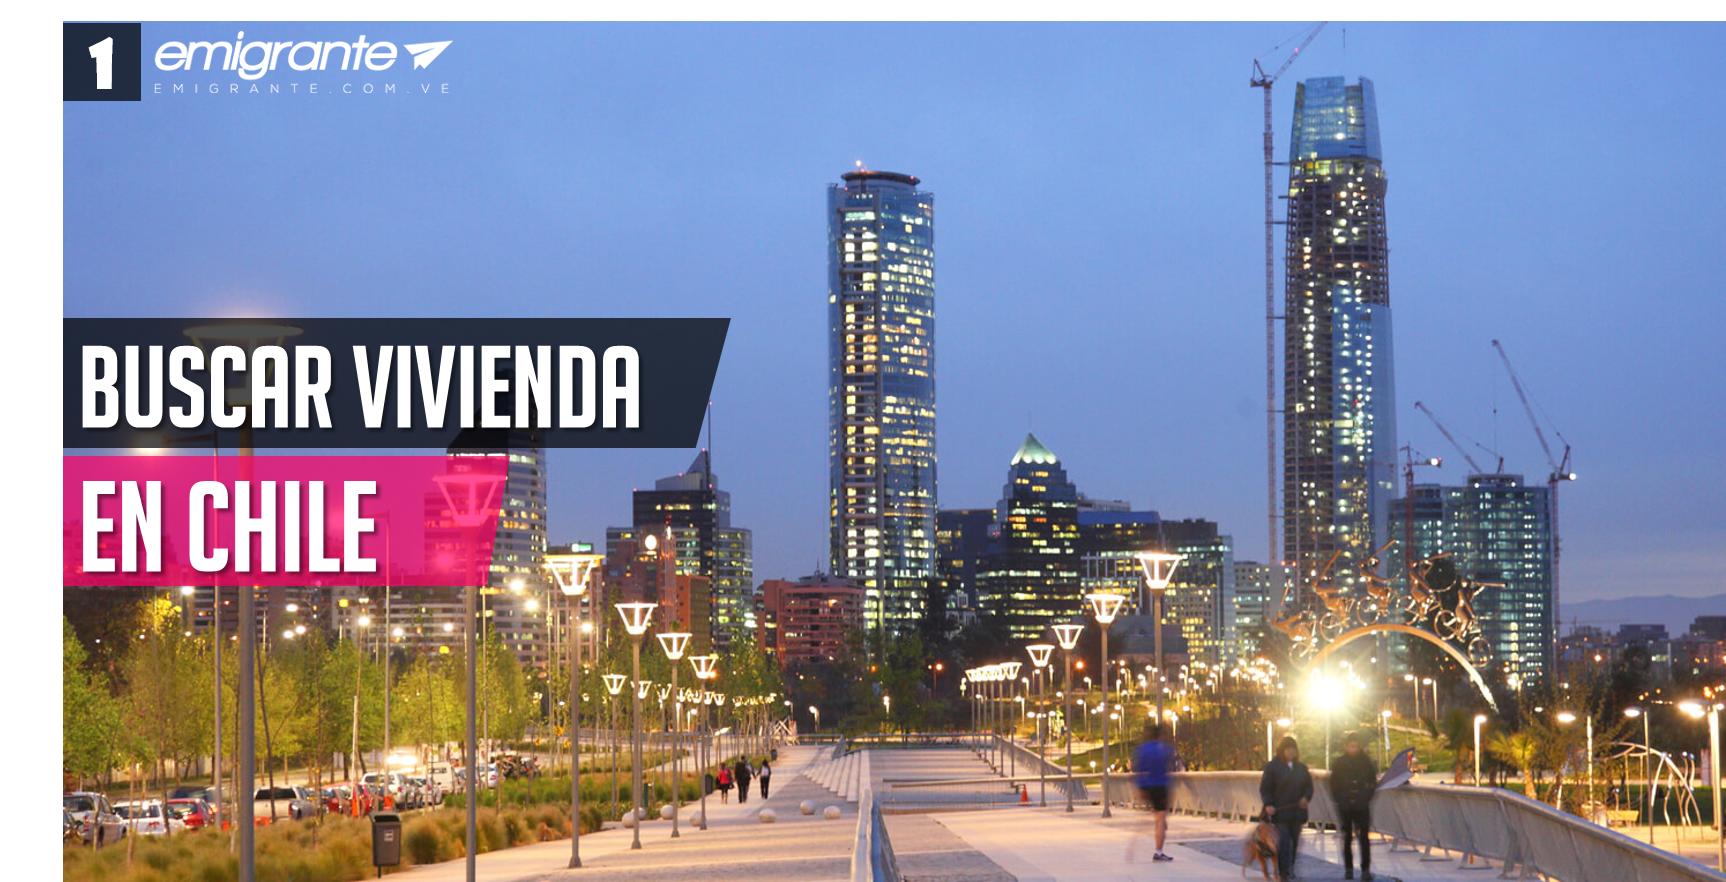 Buscar vivienda en Chile